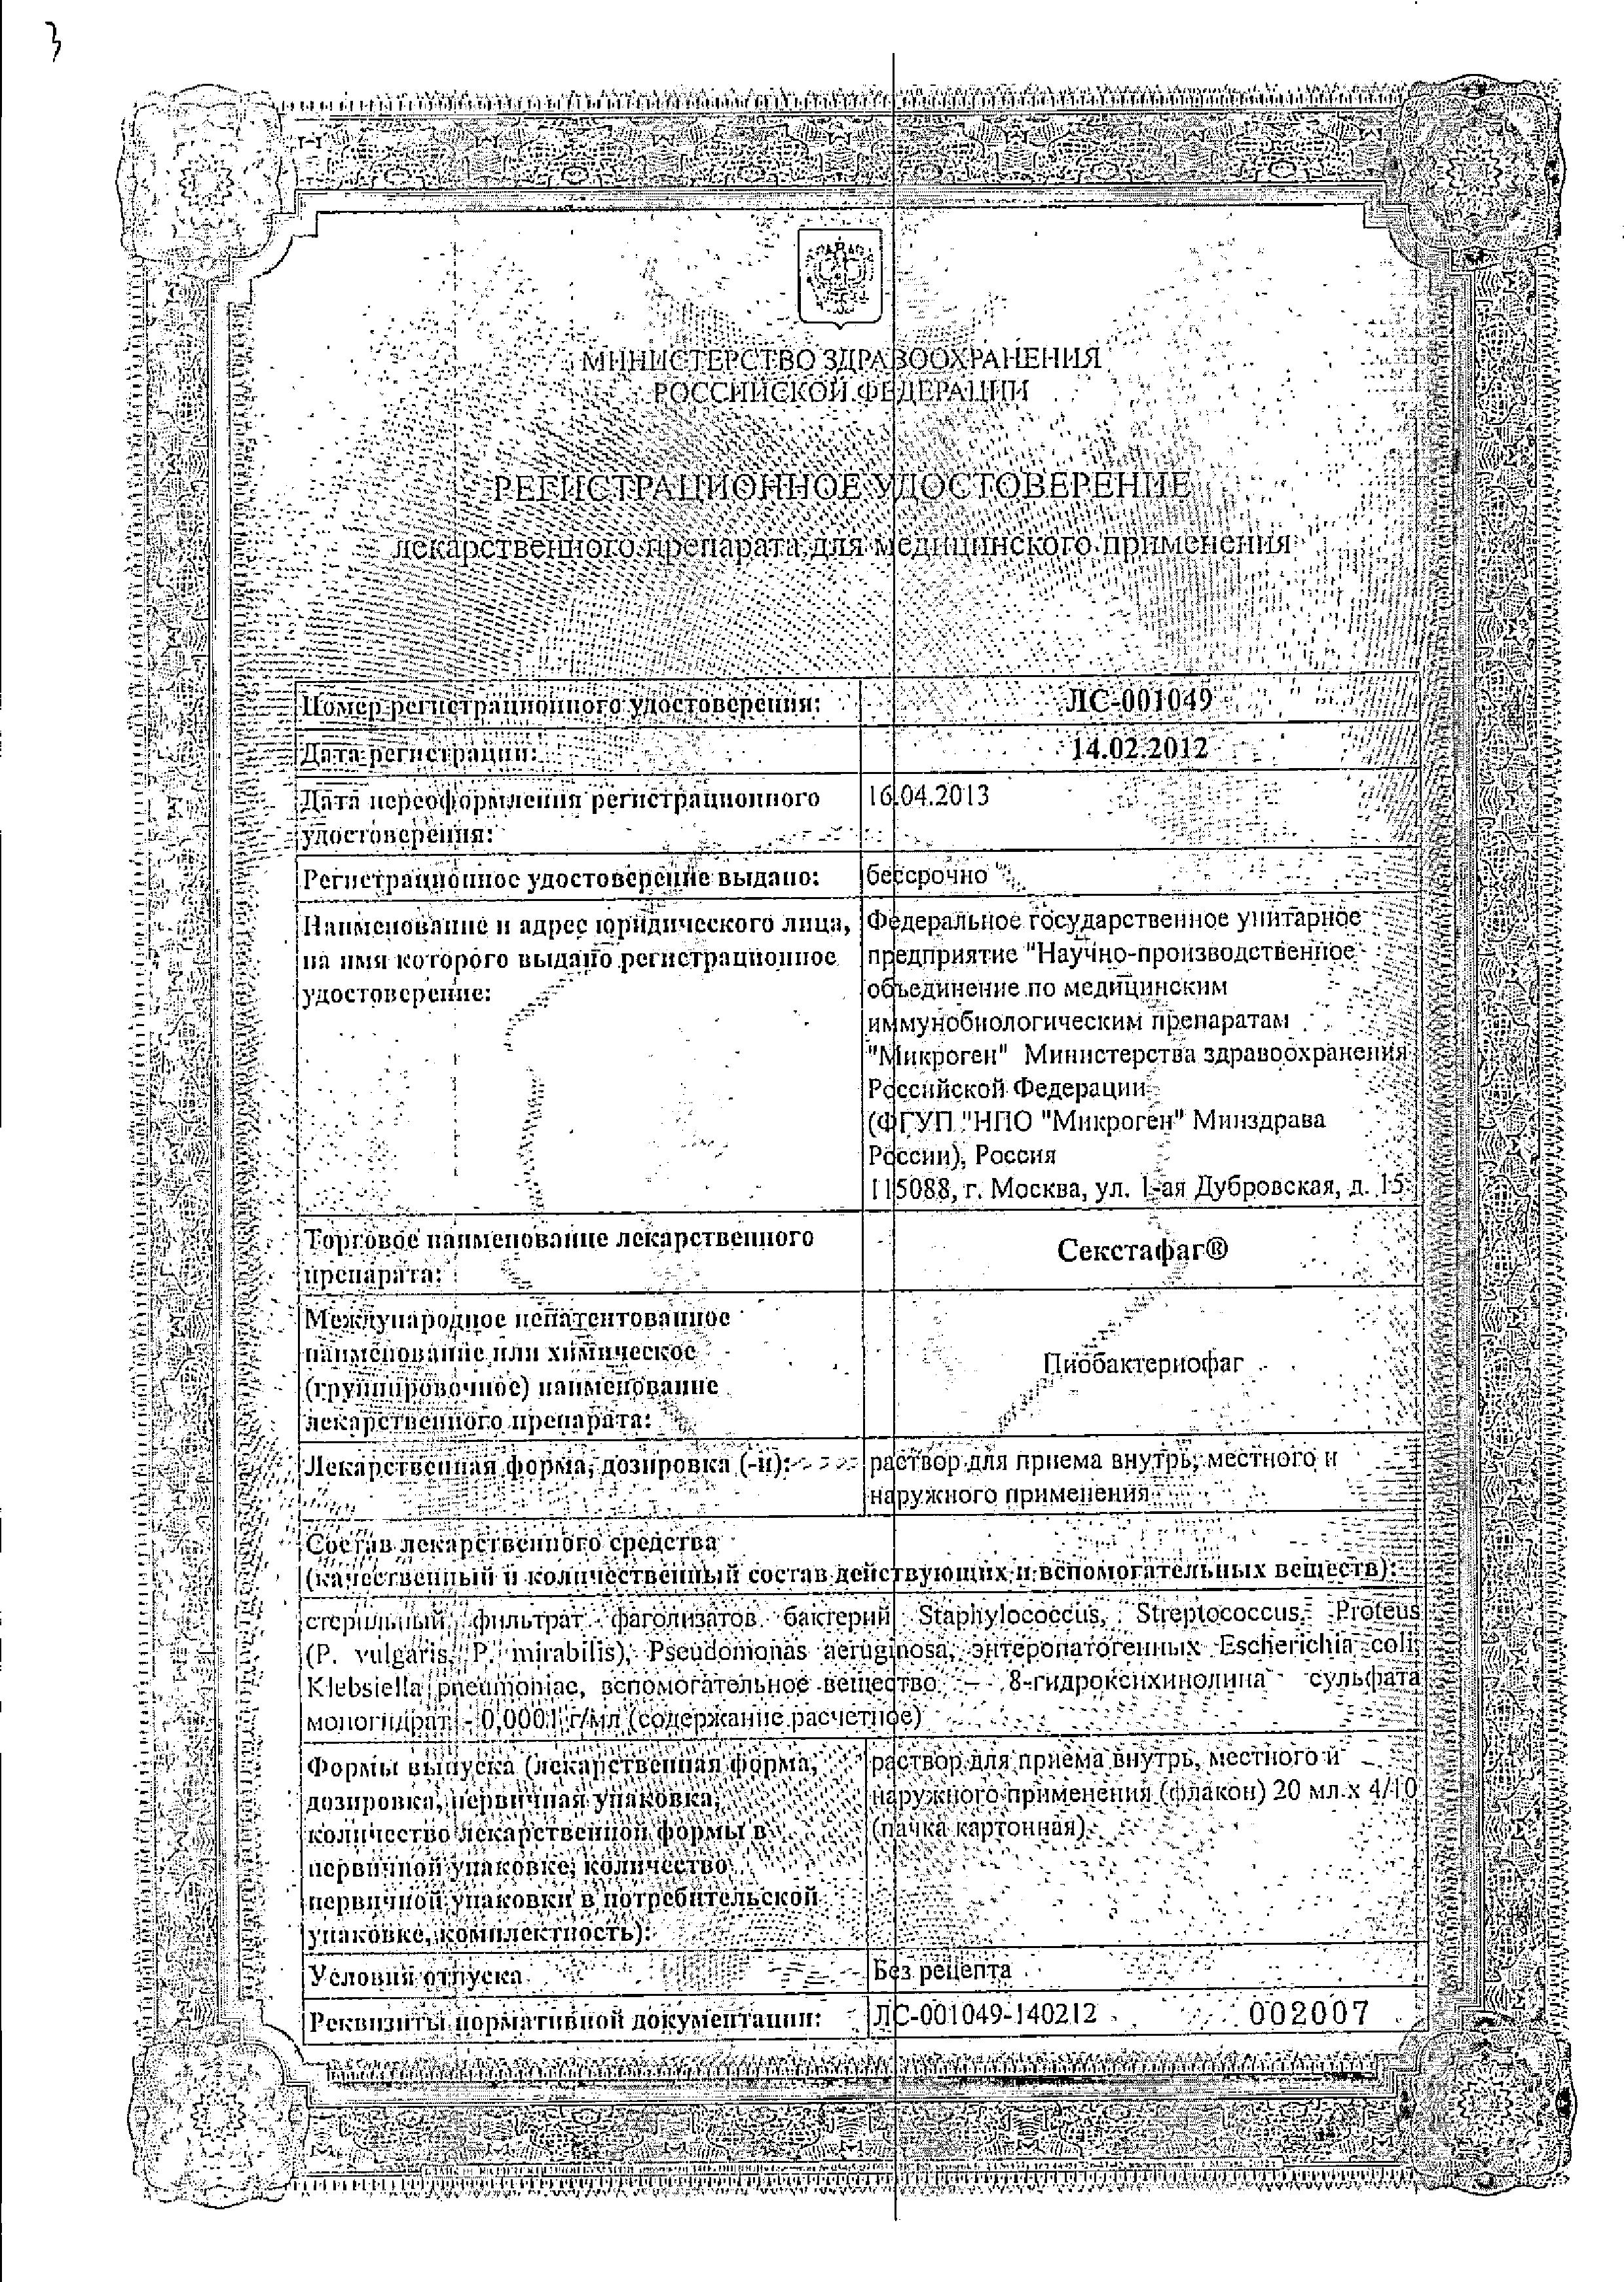 Секстафаг Пиобактериофаг поливалентный сертификат